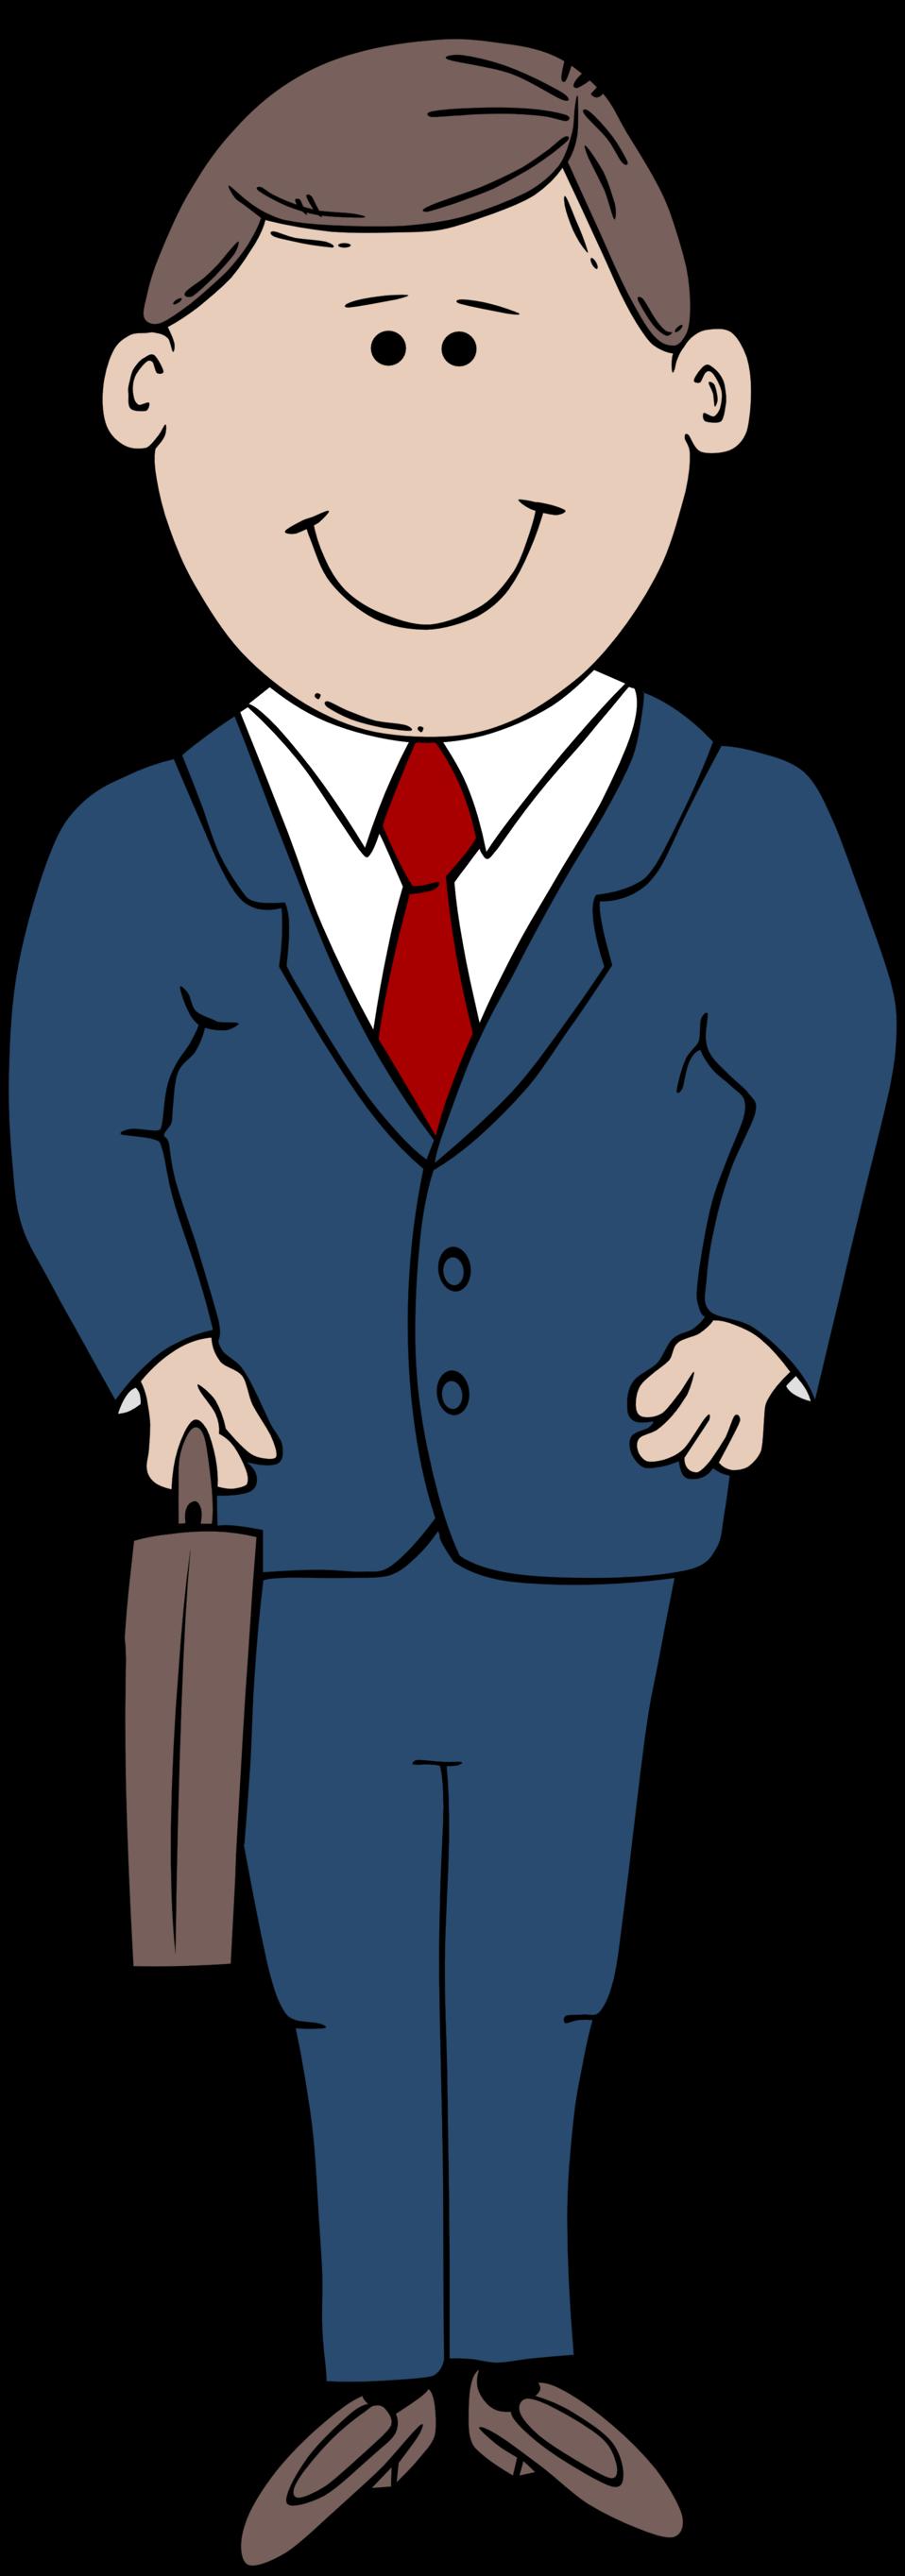 Clipart phone businessman. Public domain clip art